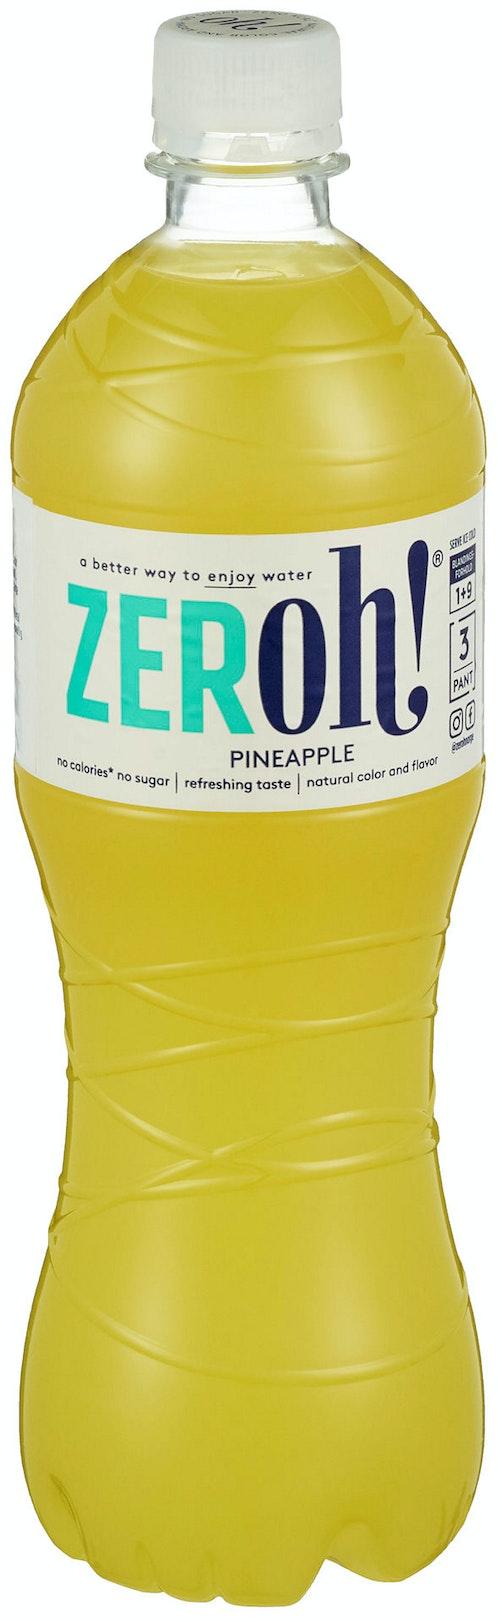 Zeroh! Pineapple 0,8 l